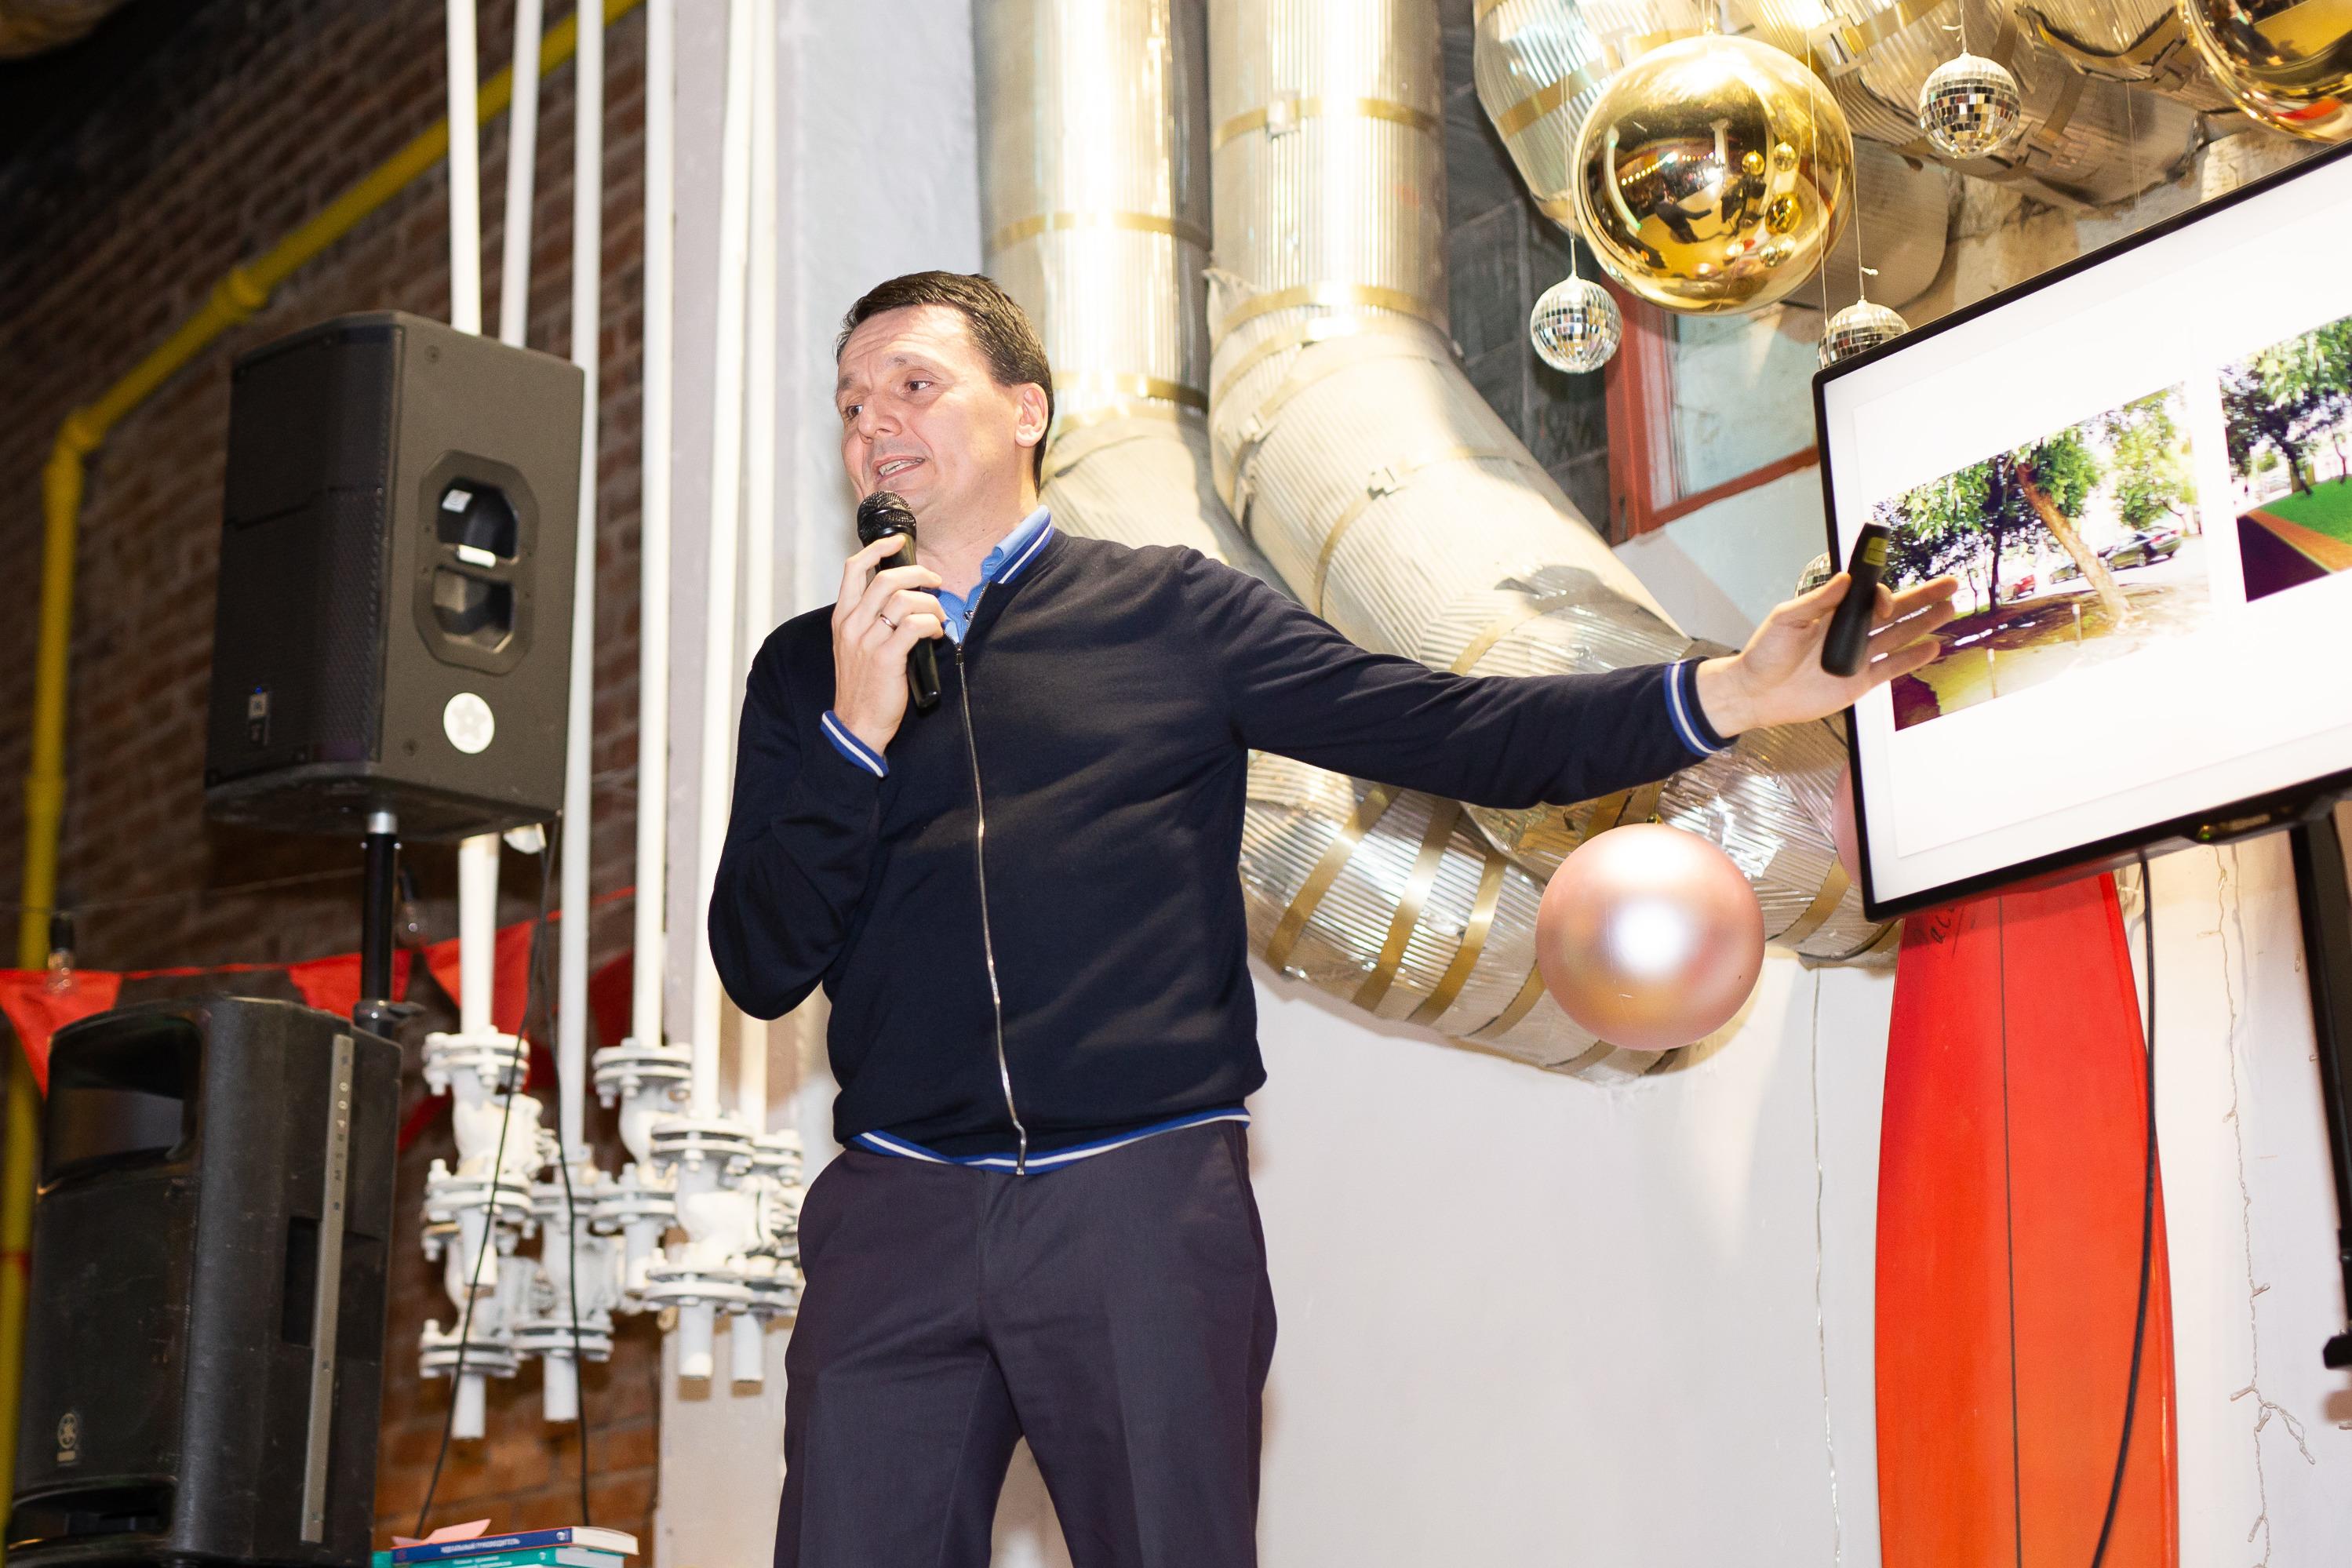 Юрий Окунев рассказал, что каждую неделю ездит из Екатеринбурга в Талицу, где находится производство